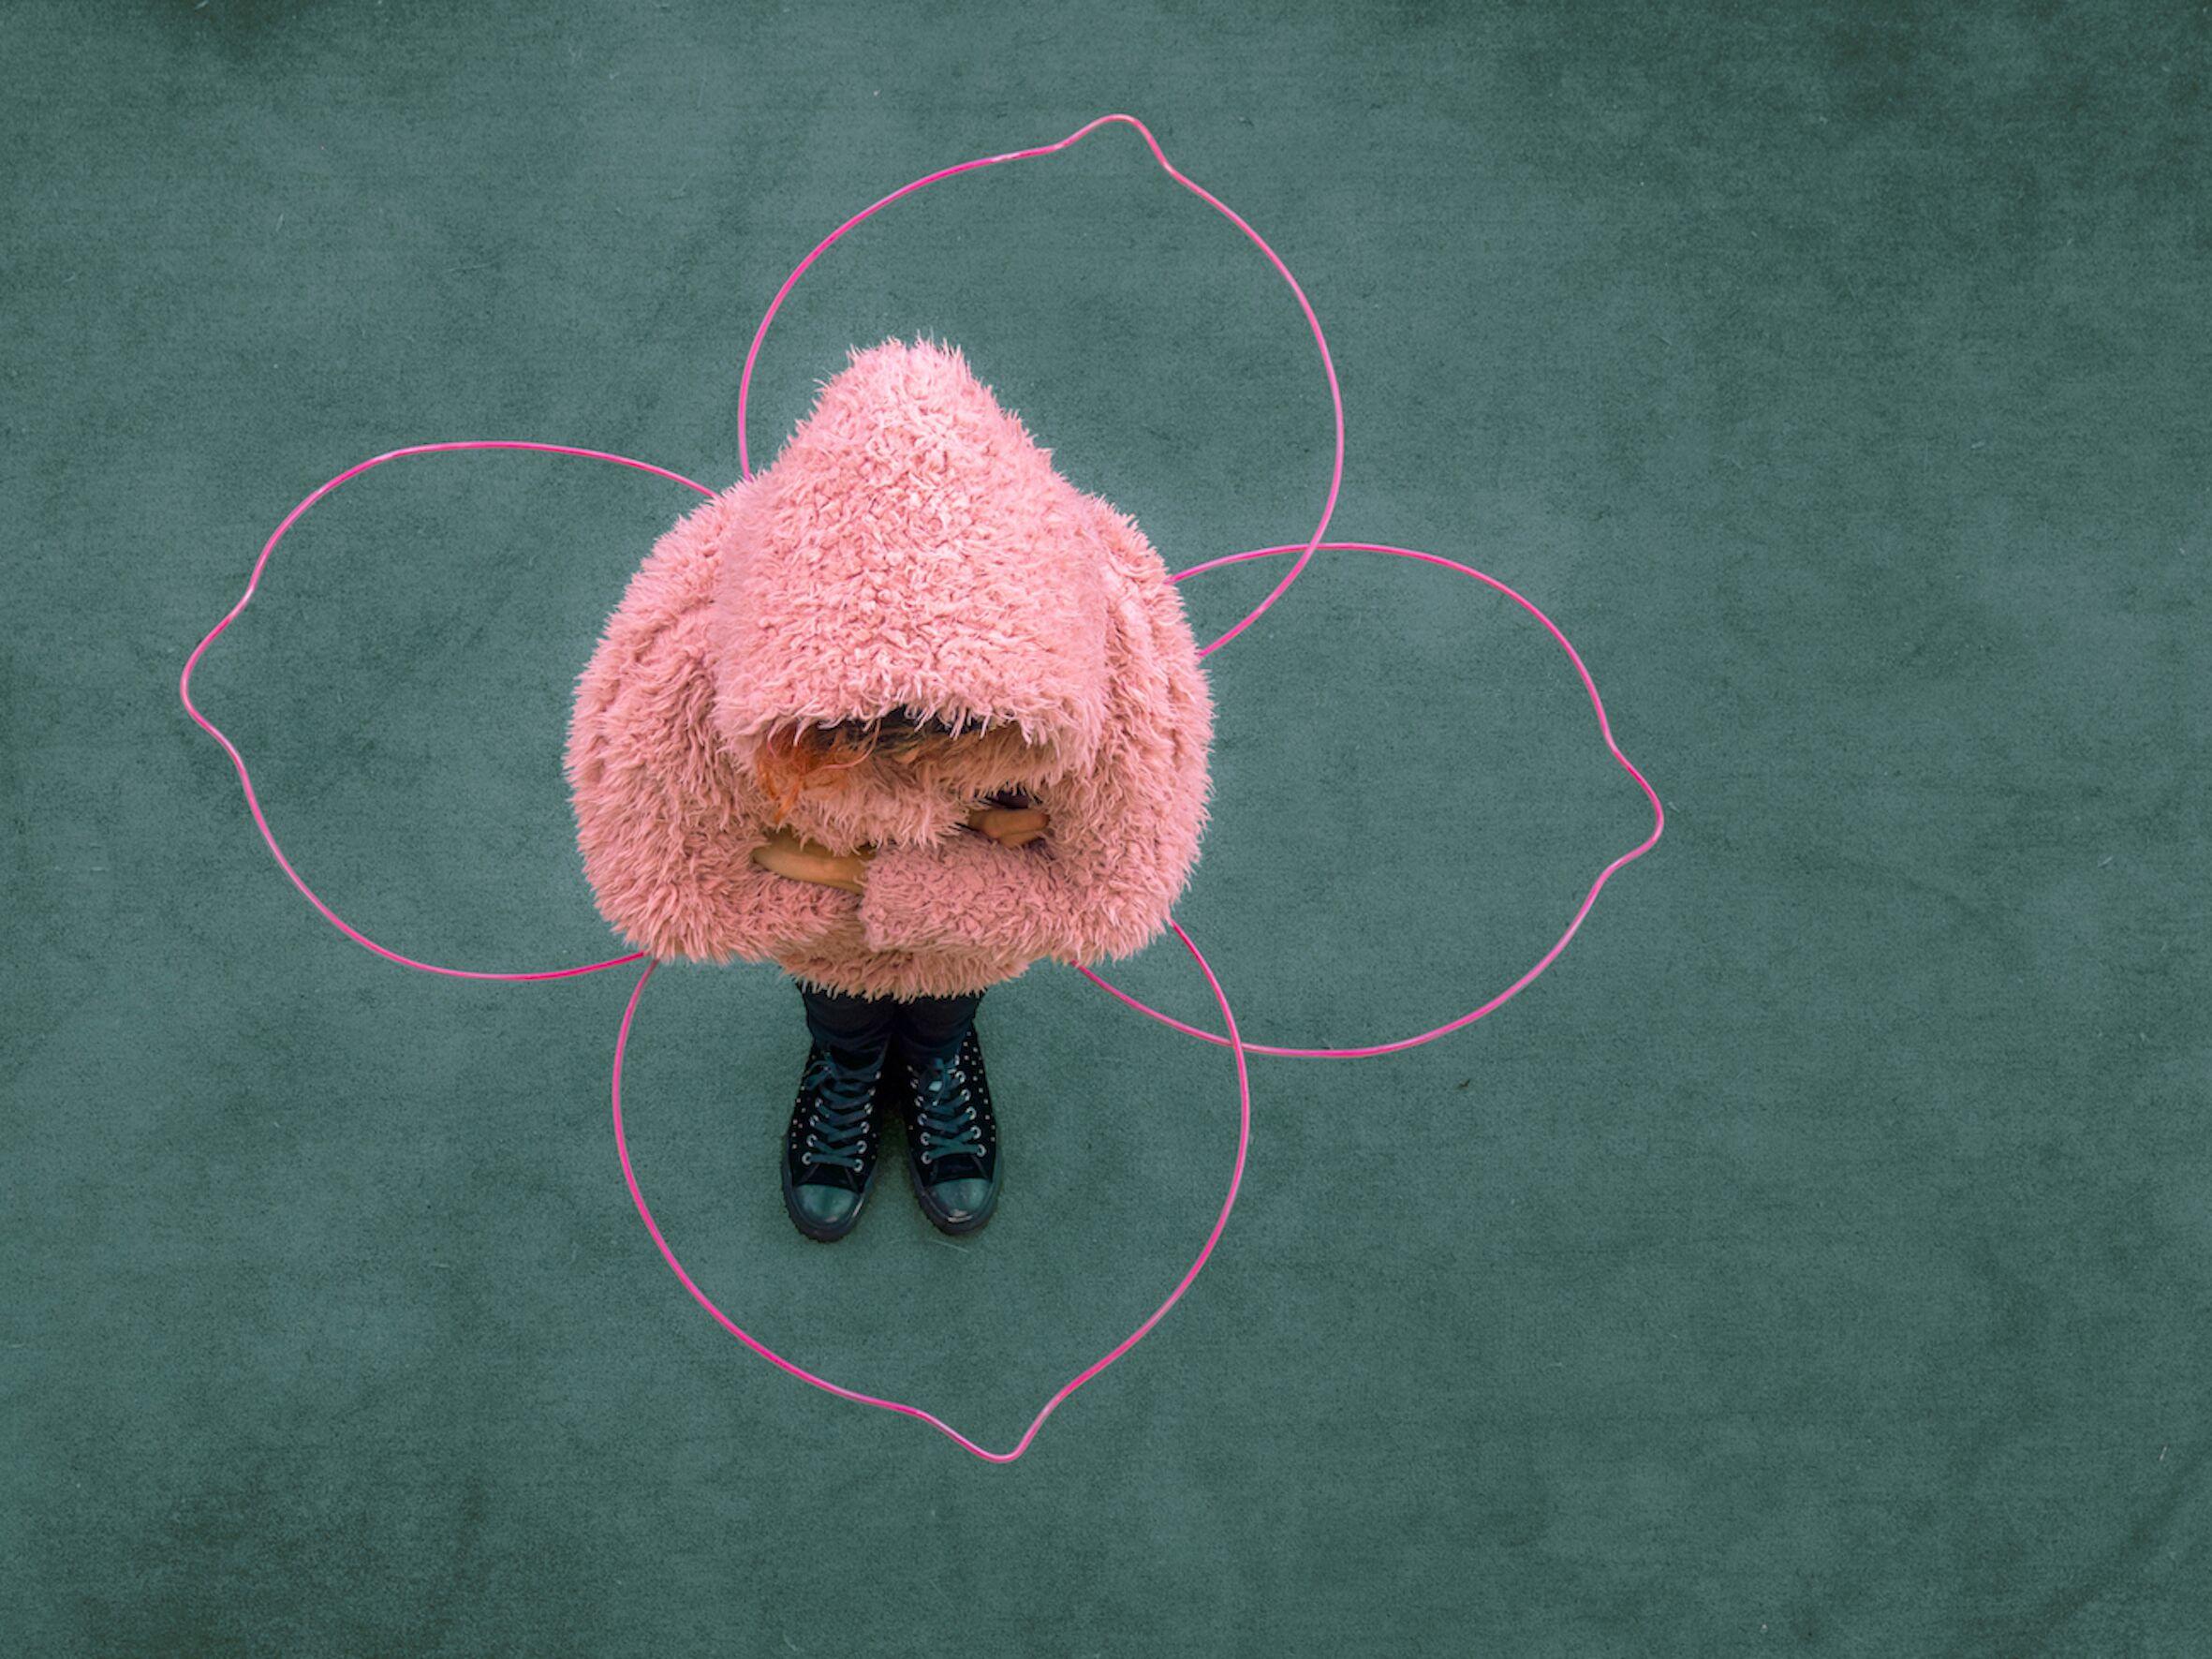 Mondo di sofferenza: eppure, i ciliegi sono in fiore. Una Corolla scultura per mantenere le distanze